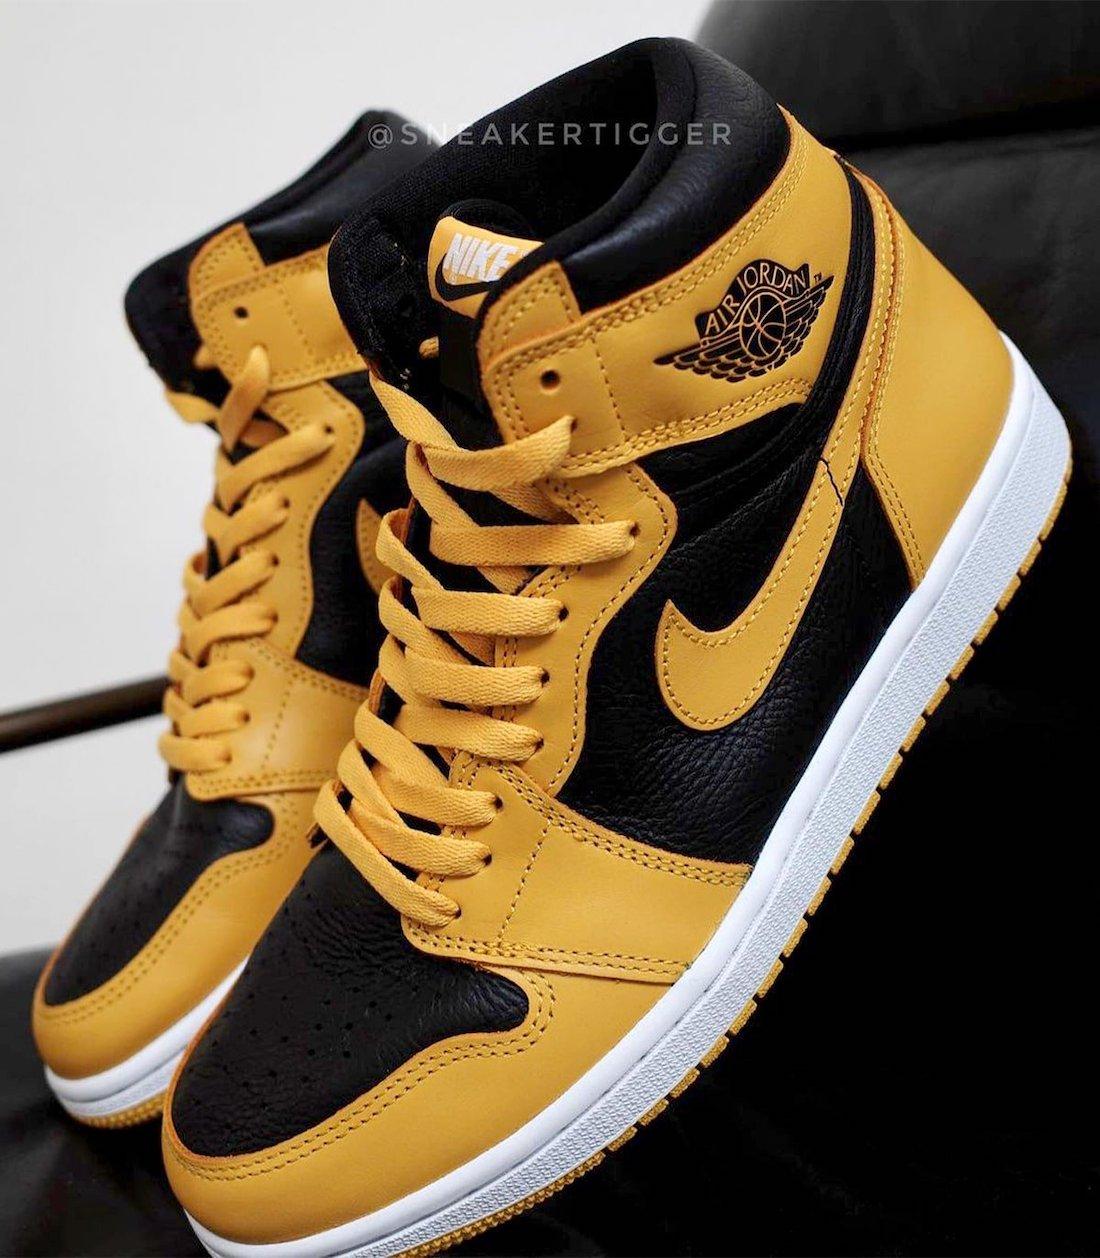 """运动鞋, zsneakerheadz, Swoosh, Nike Air, Jordan Brand, Jordan, Black, Air Jordan 1 High OG"""" Pollen"""", Air Jordan 1, Air Jordan"""